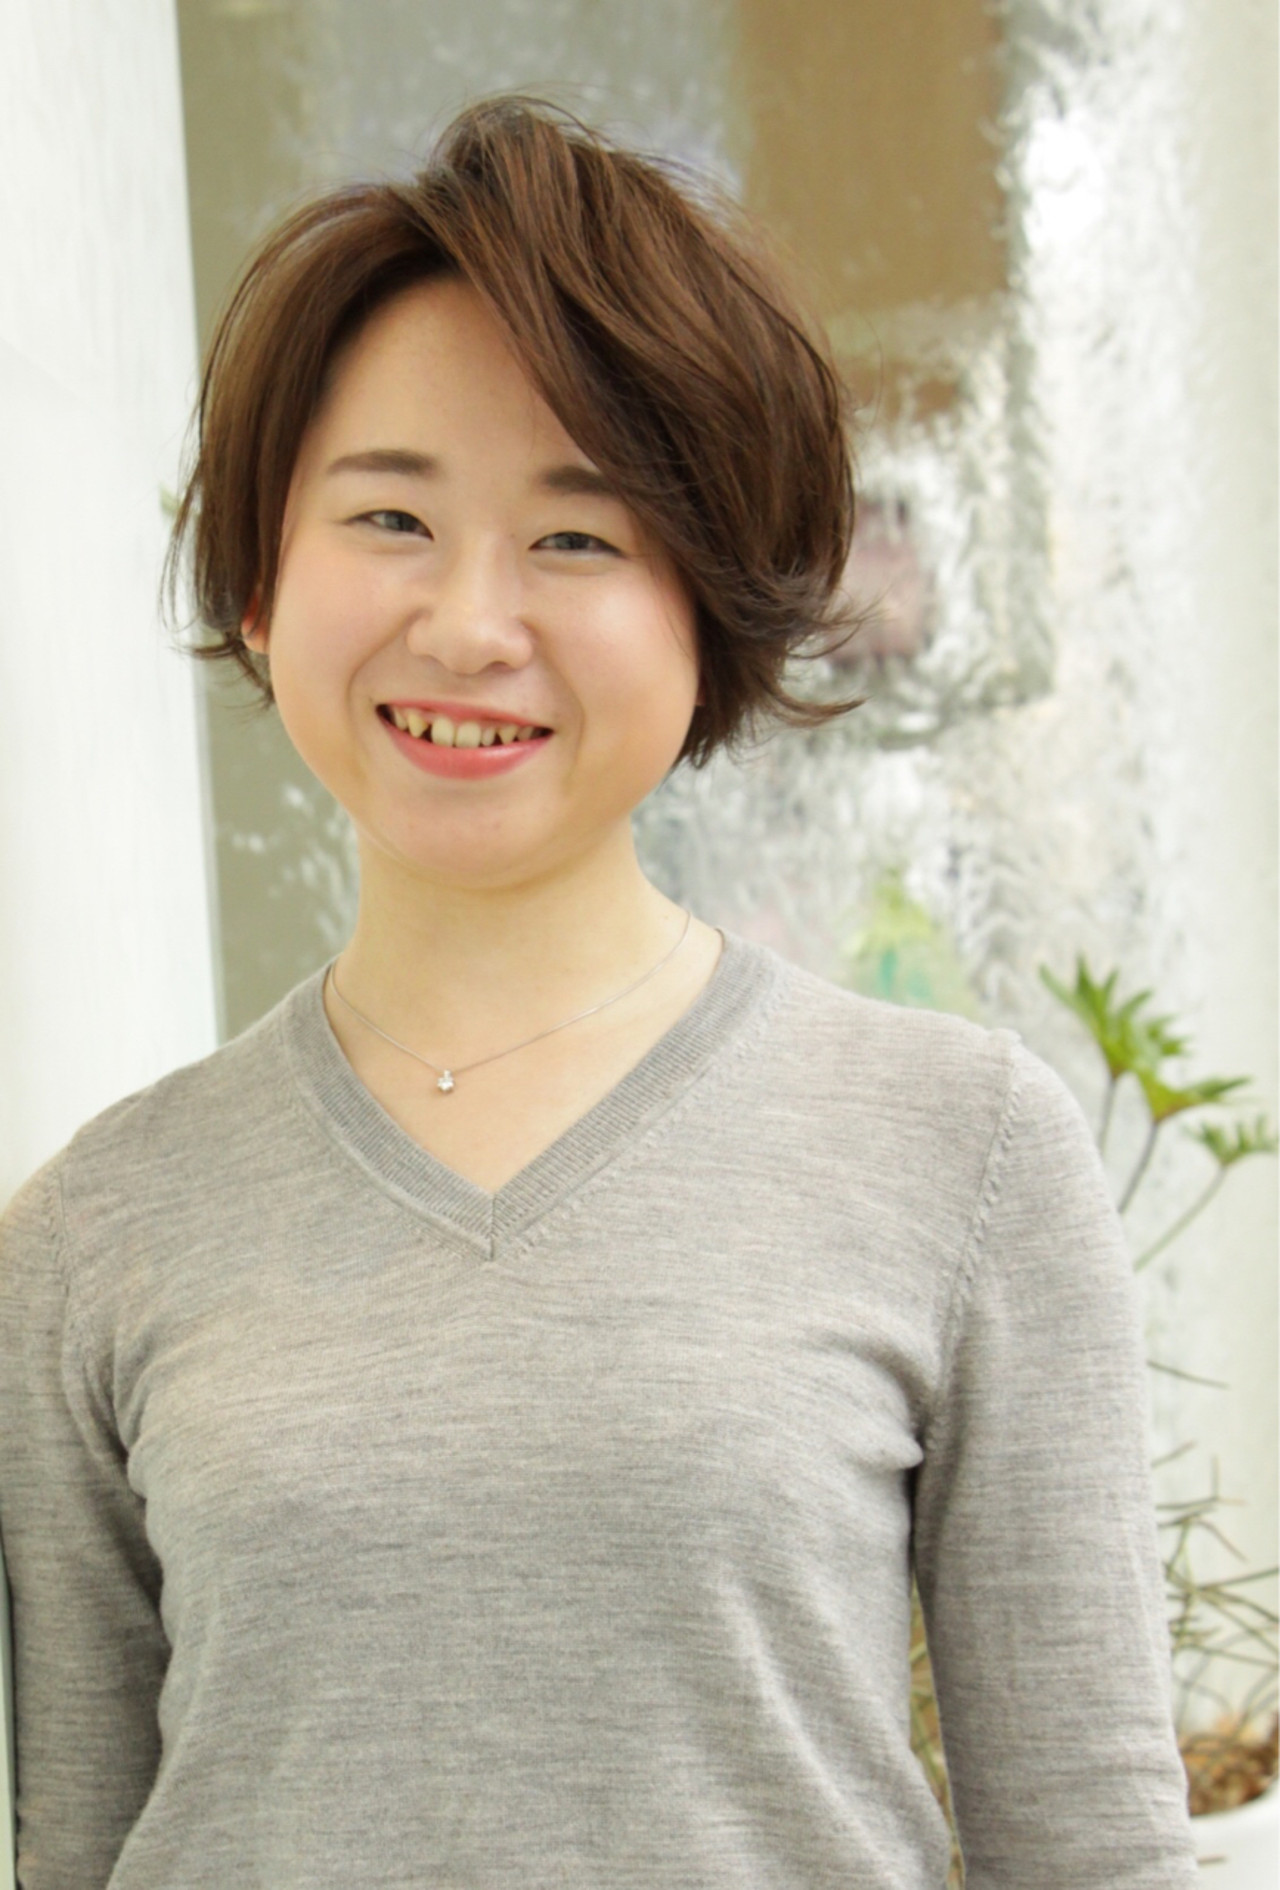 大人かわいい 抜け感 ナチュラル 色気 ヘアスタイルや髪型の写真・画像 | 鈴木元太郎 / M.SLASH自由ヶ丘